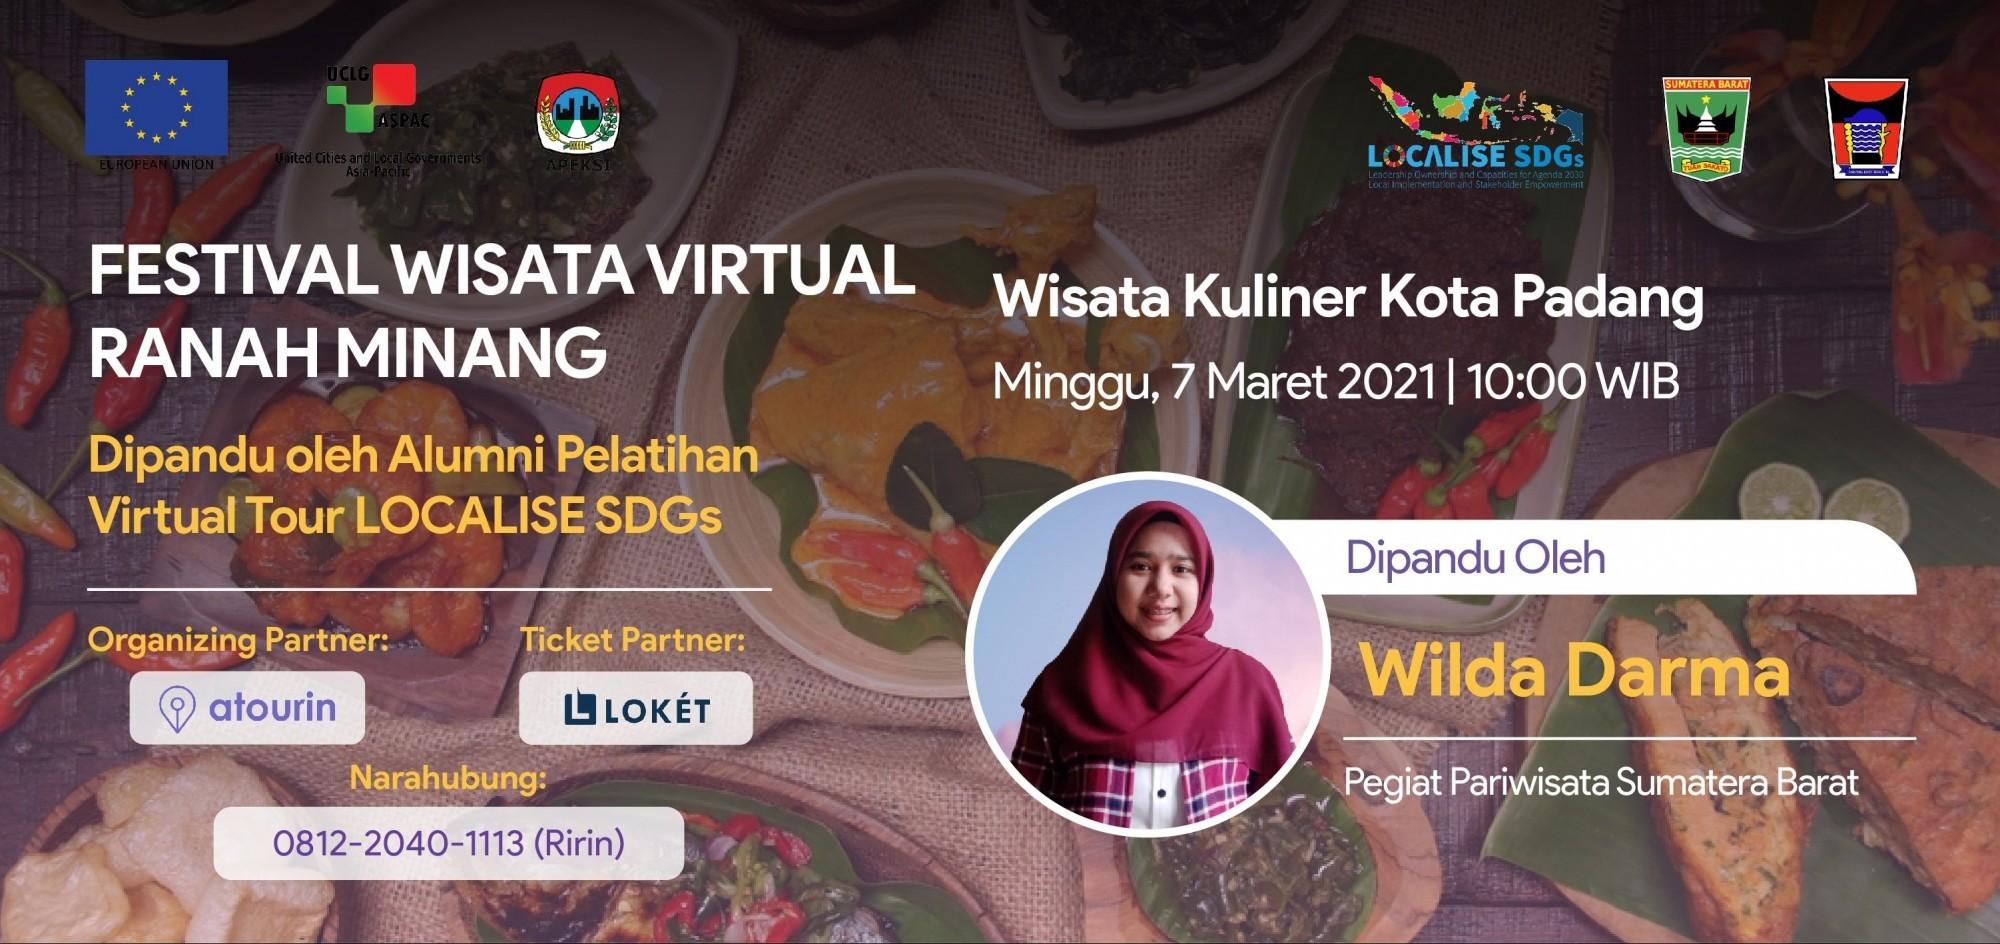 Wisata Kuliner Kota Padang - Festival Wisata Virtual Ranah Minang